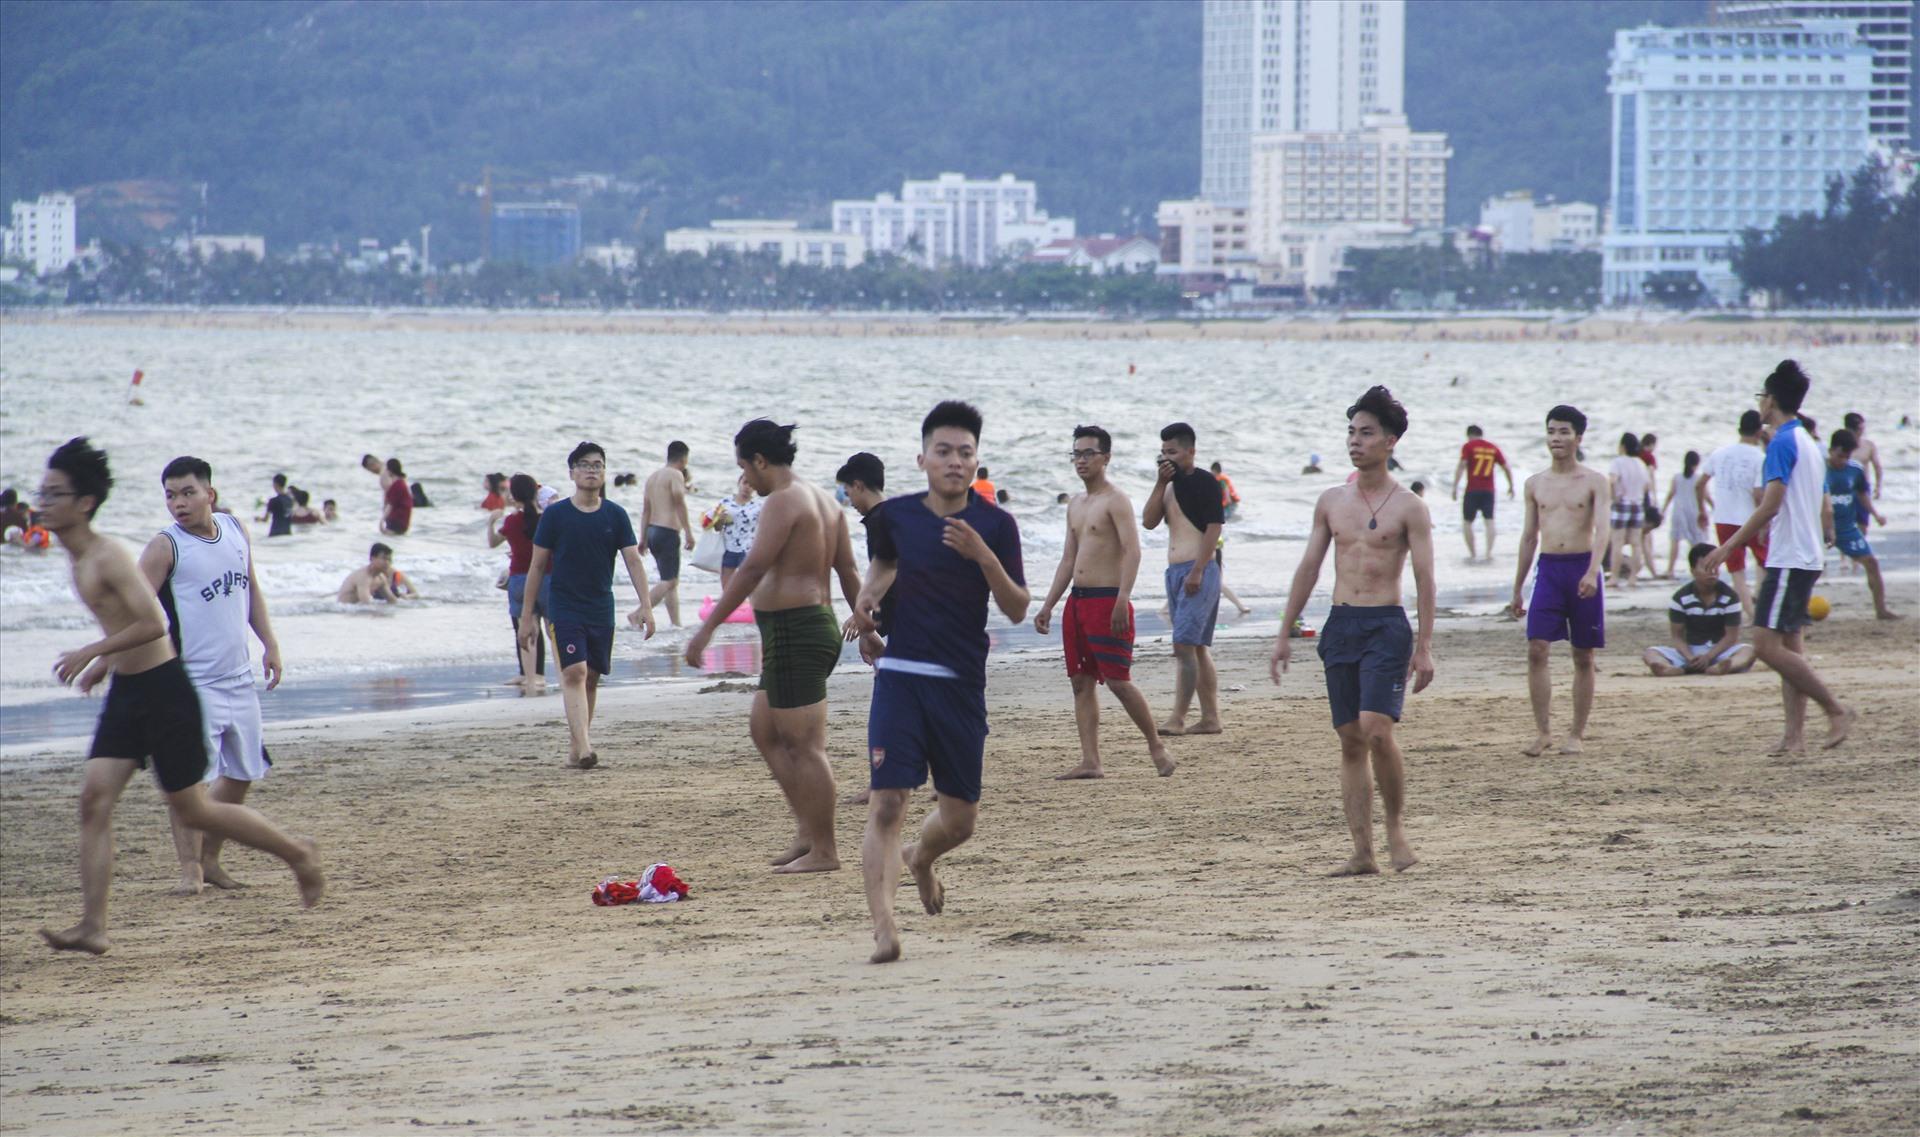 Lượng người tắm biển trải đều dọc bãi biển Quy Nhơn từ khu núi Ghềnh Ráng dọc đường An Dương Vương kéo dài xuống đường Xuân Diệu. Bãi tắm nào cũng đông kín người.